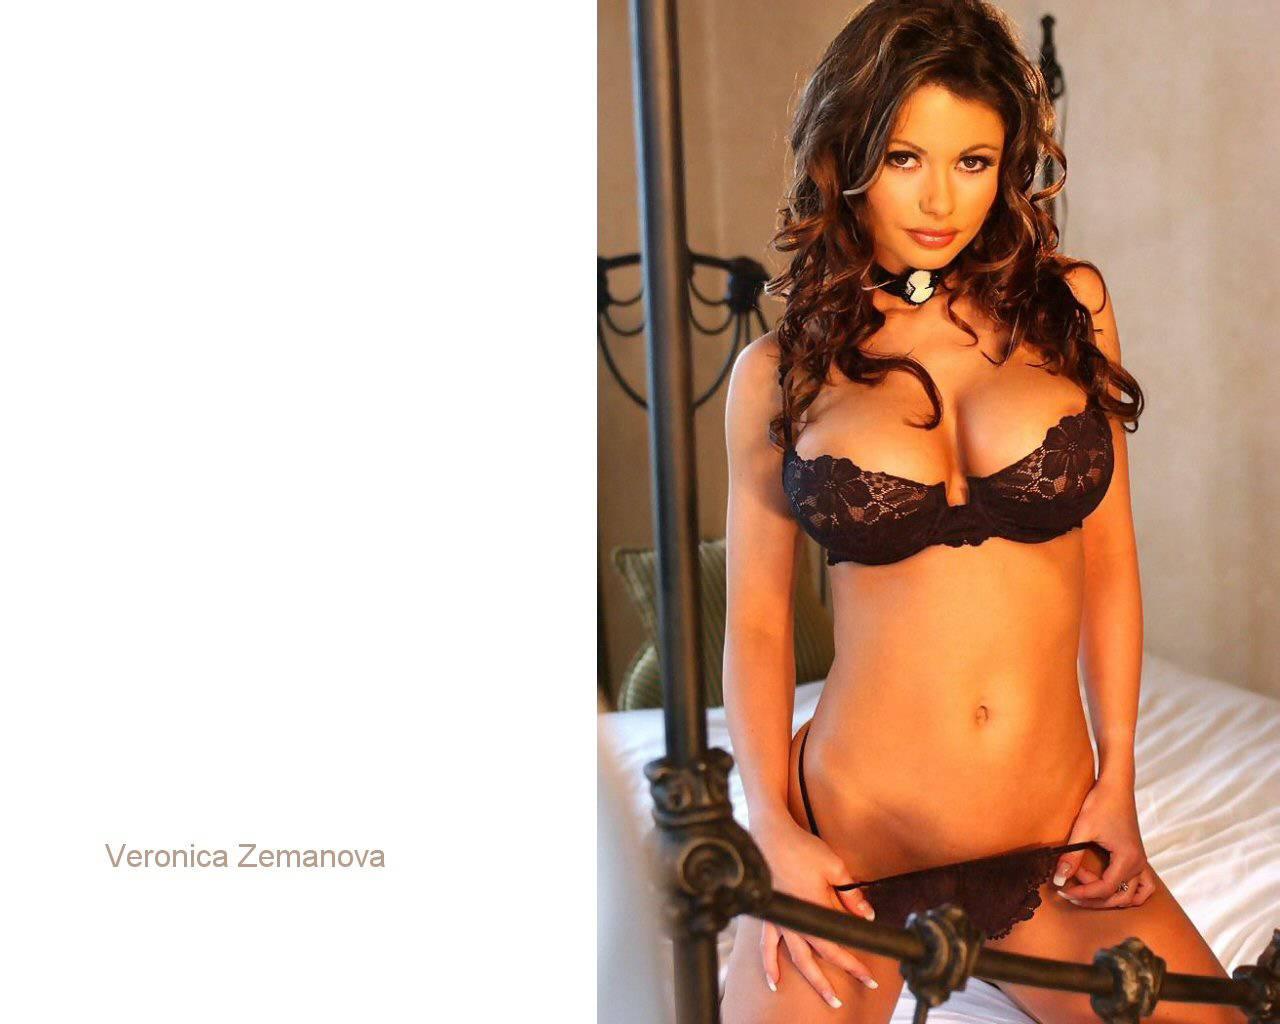 Сайт вероники земановой 8 фотография